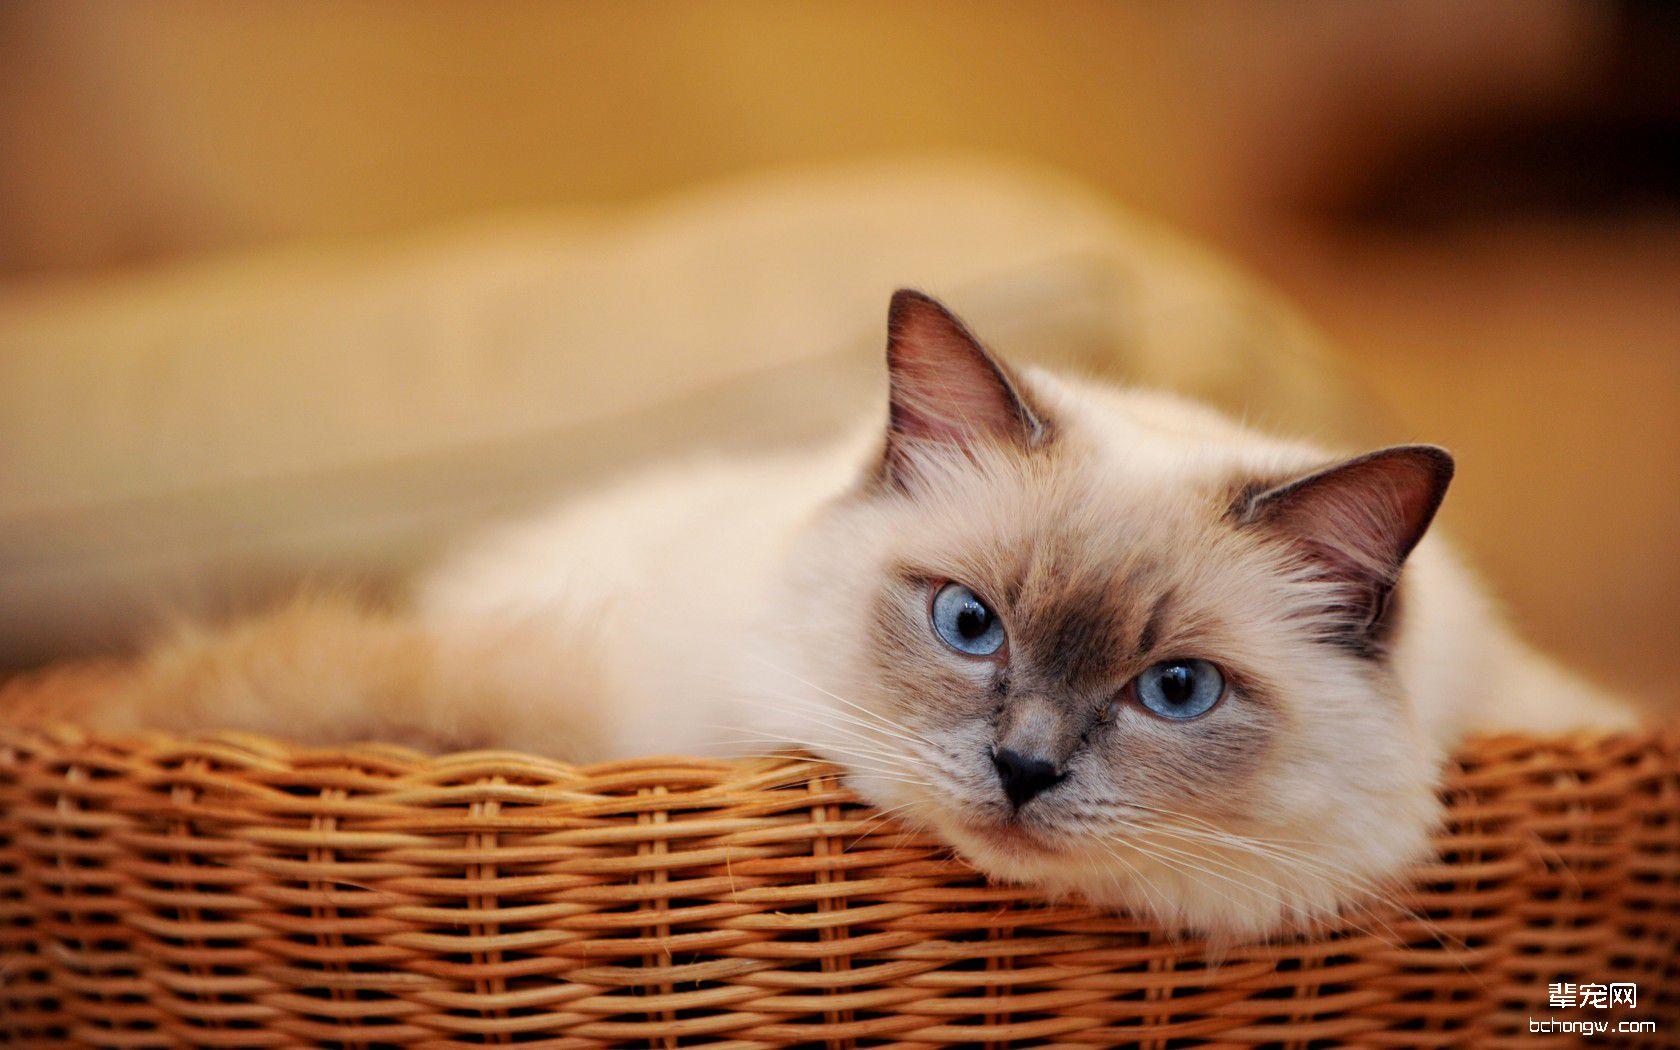 萌图鉴赏 猫咪 可爱猫咪壁纸桌面